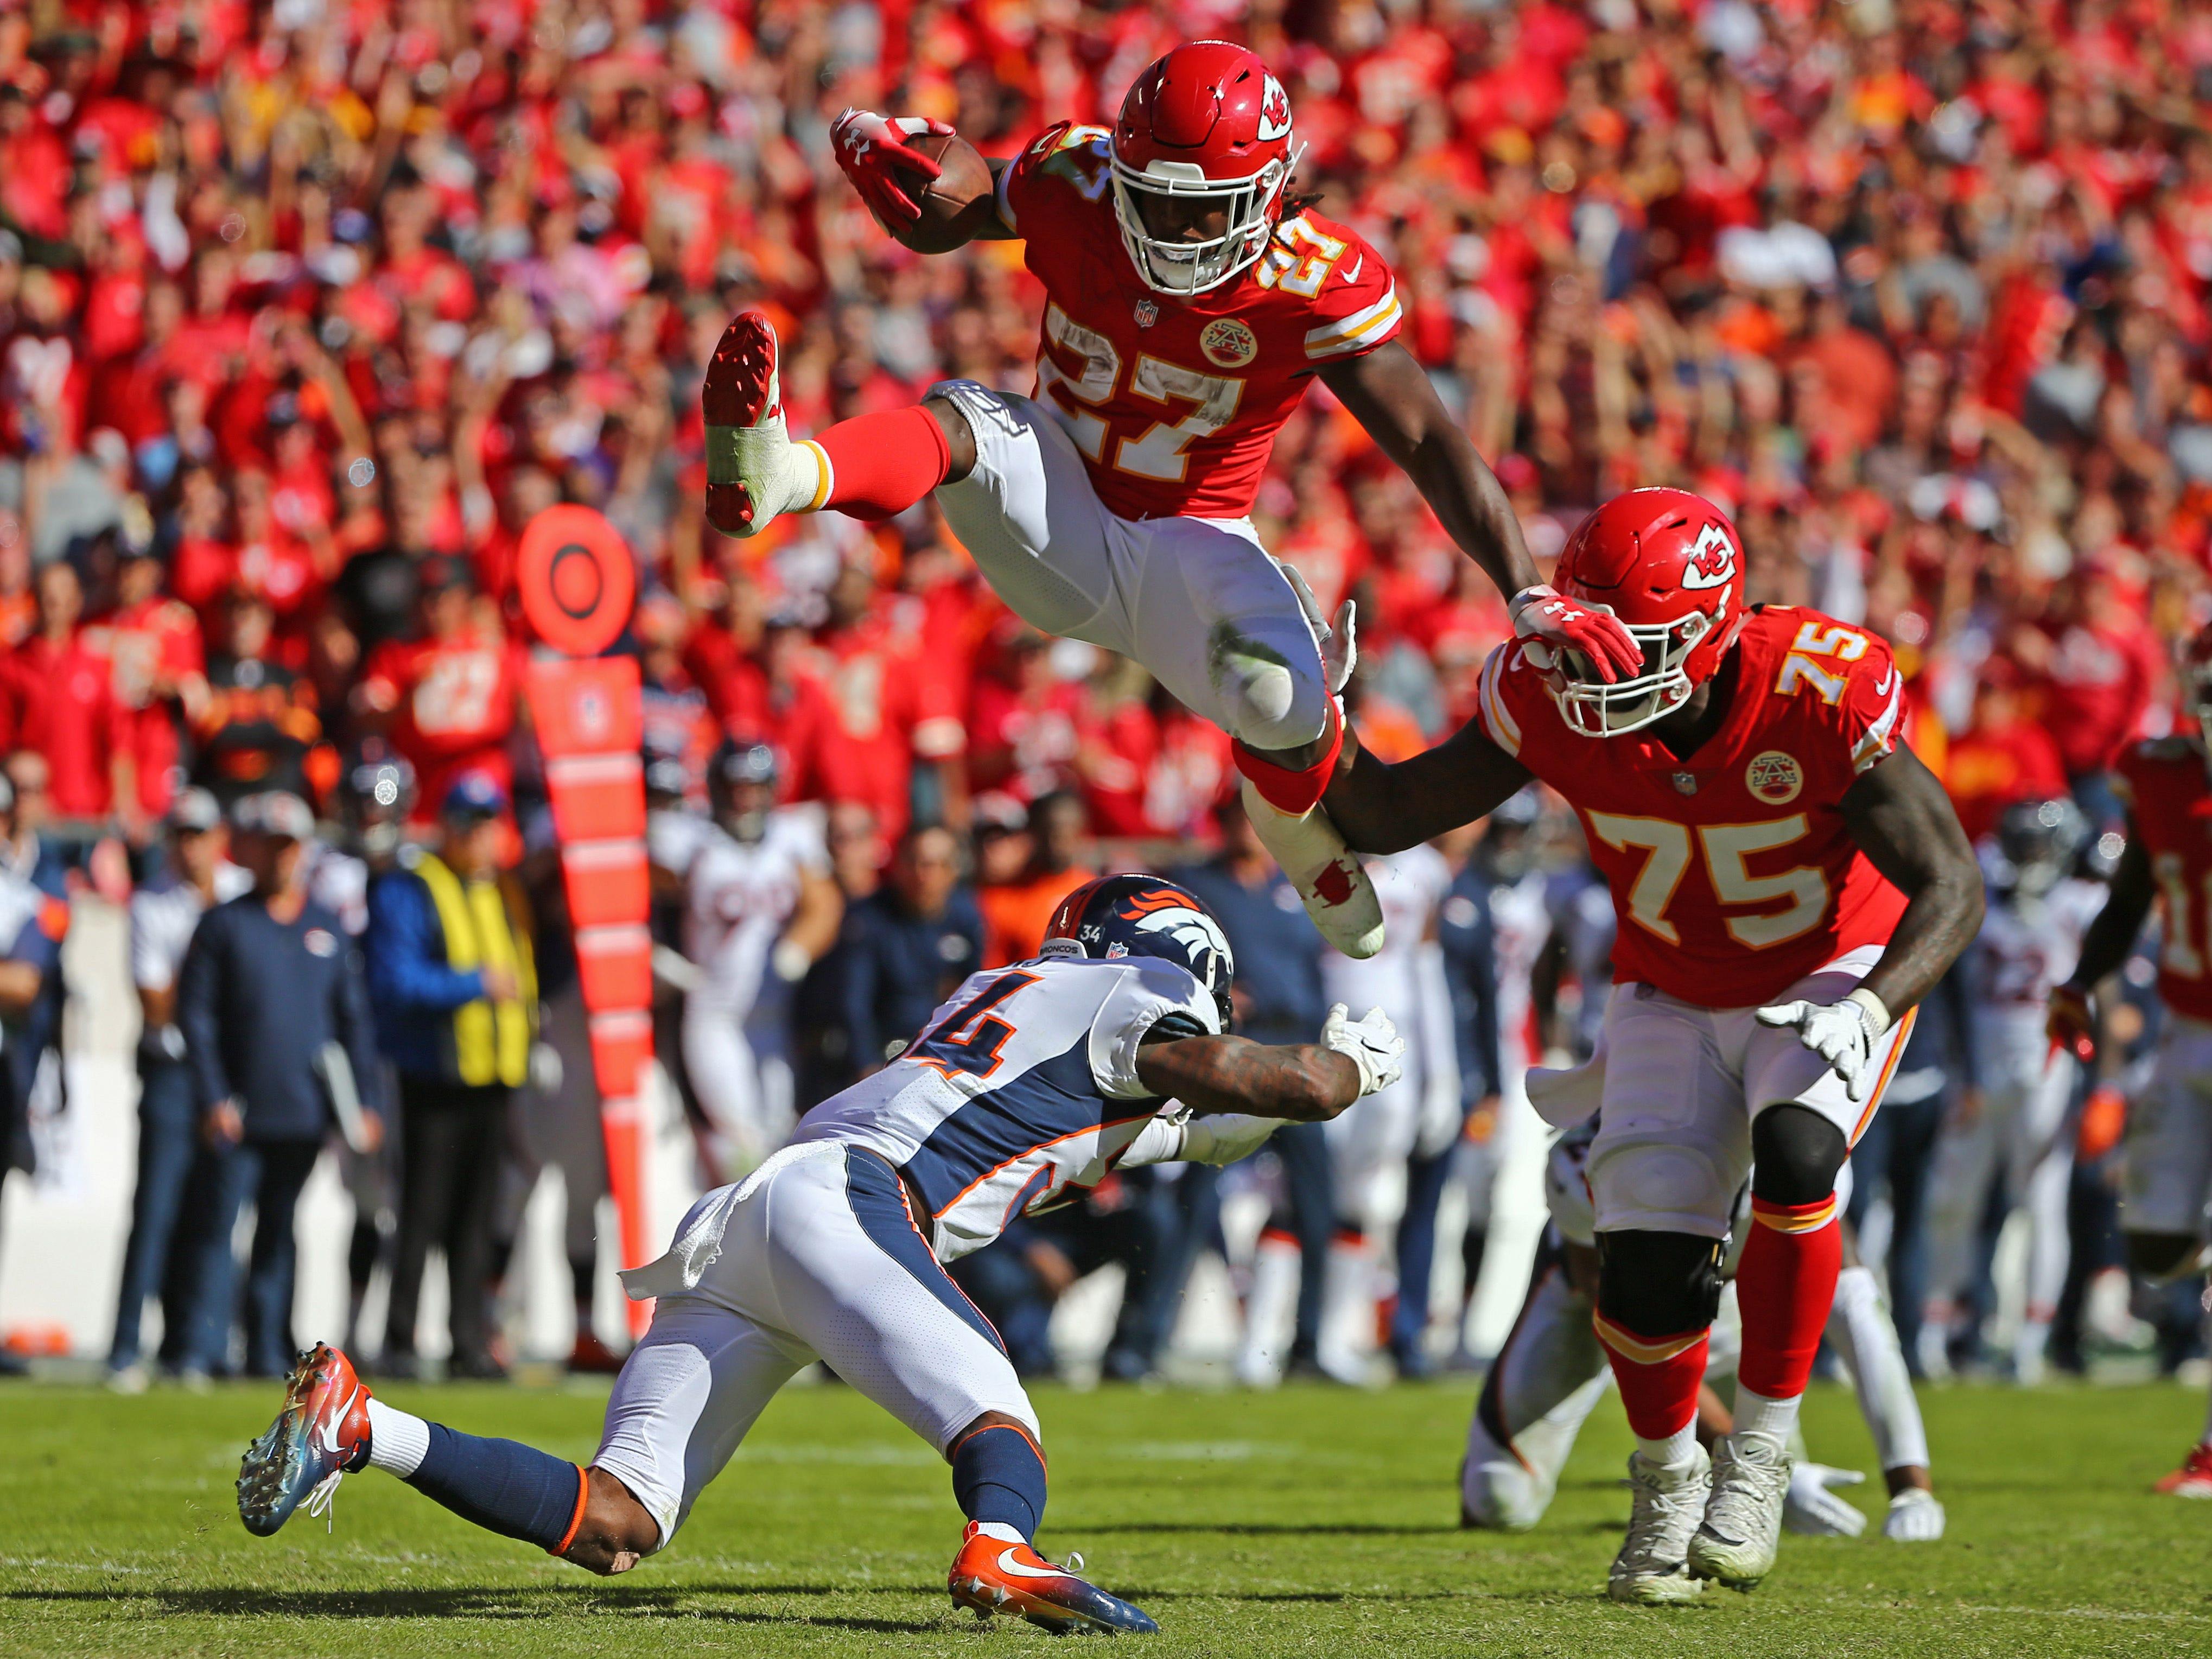 Kansas City Chiefs running back Kareem Hunt (27) hurdles Denver Broncos safety Will Parks (34) in the second half at Arrowhead Stadium.